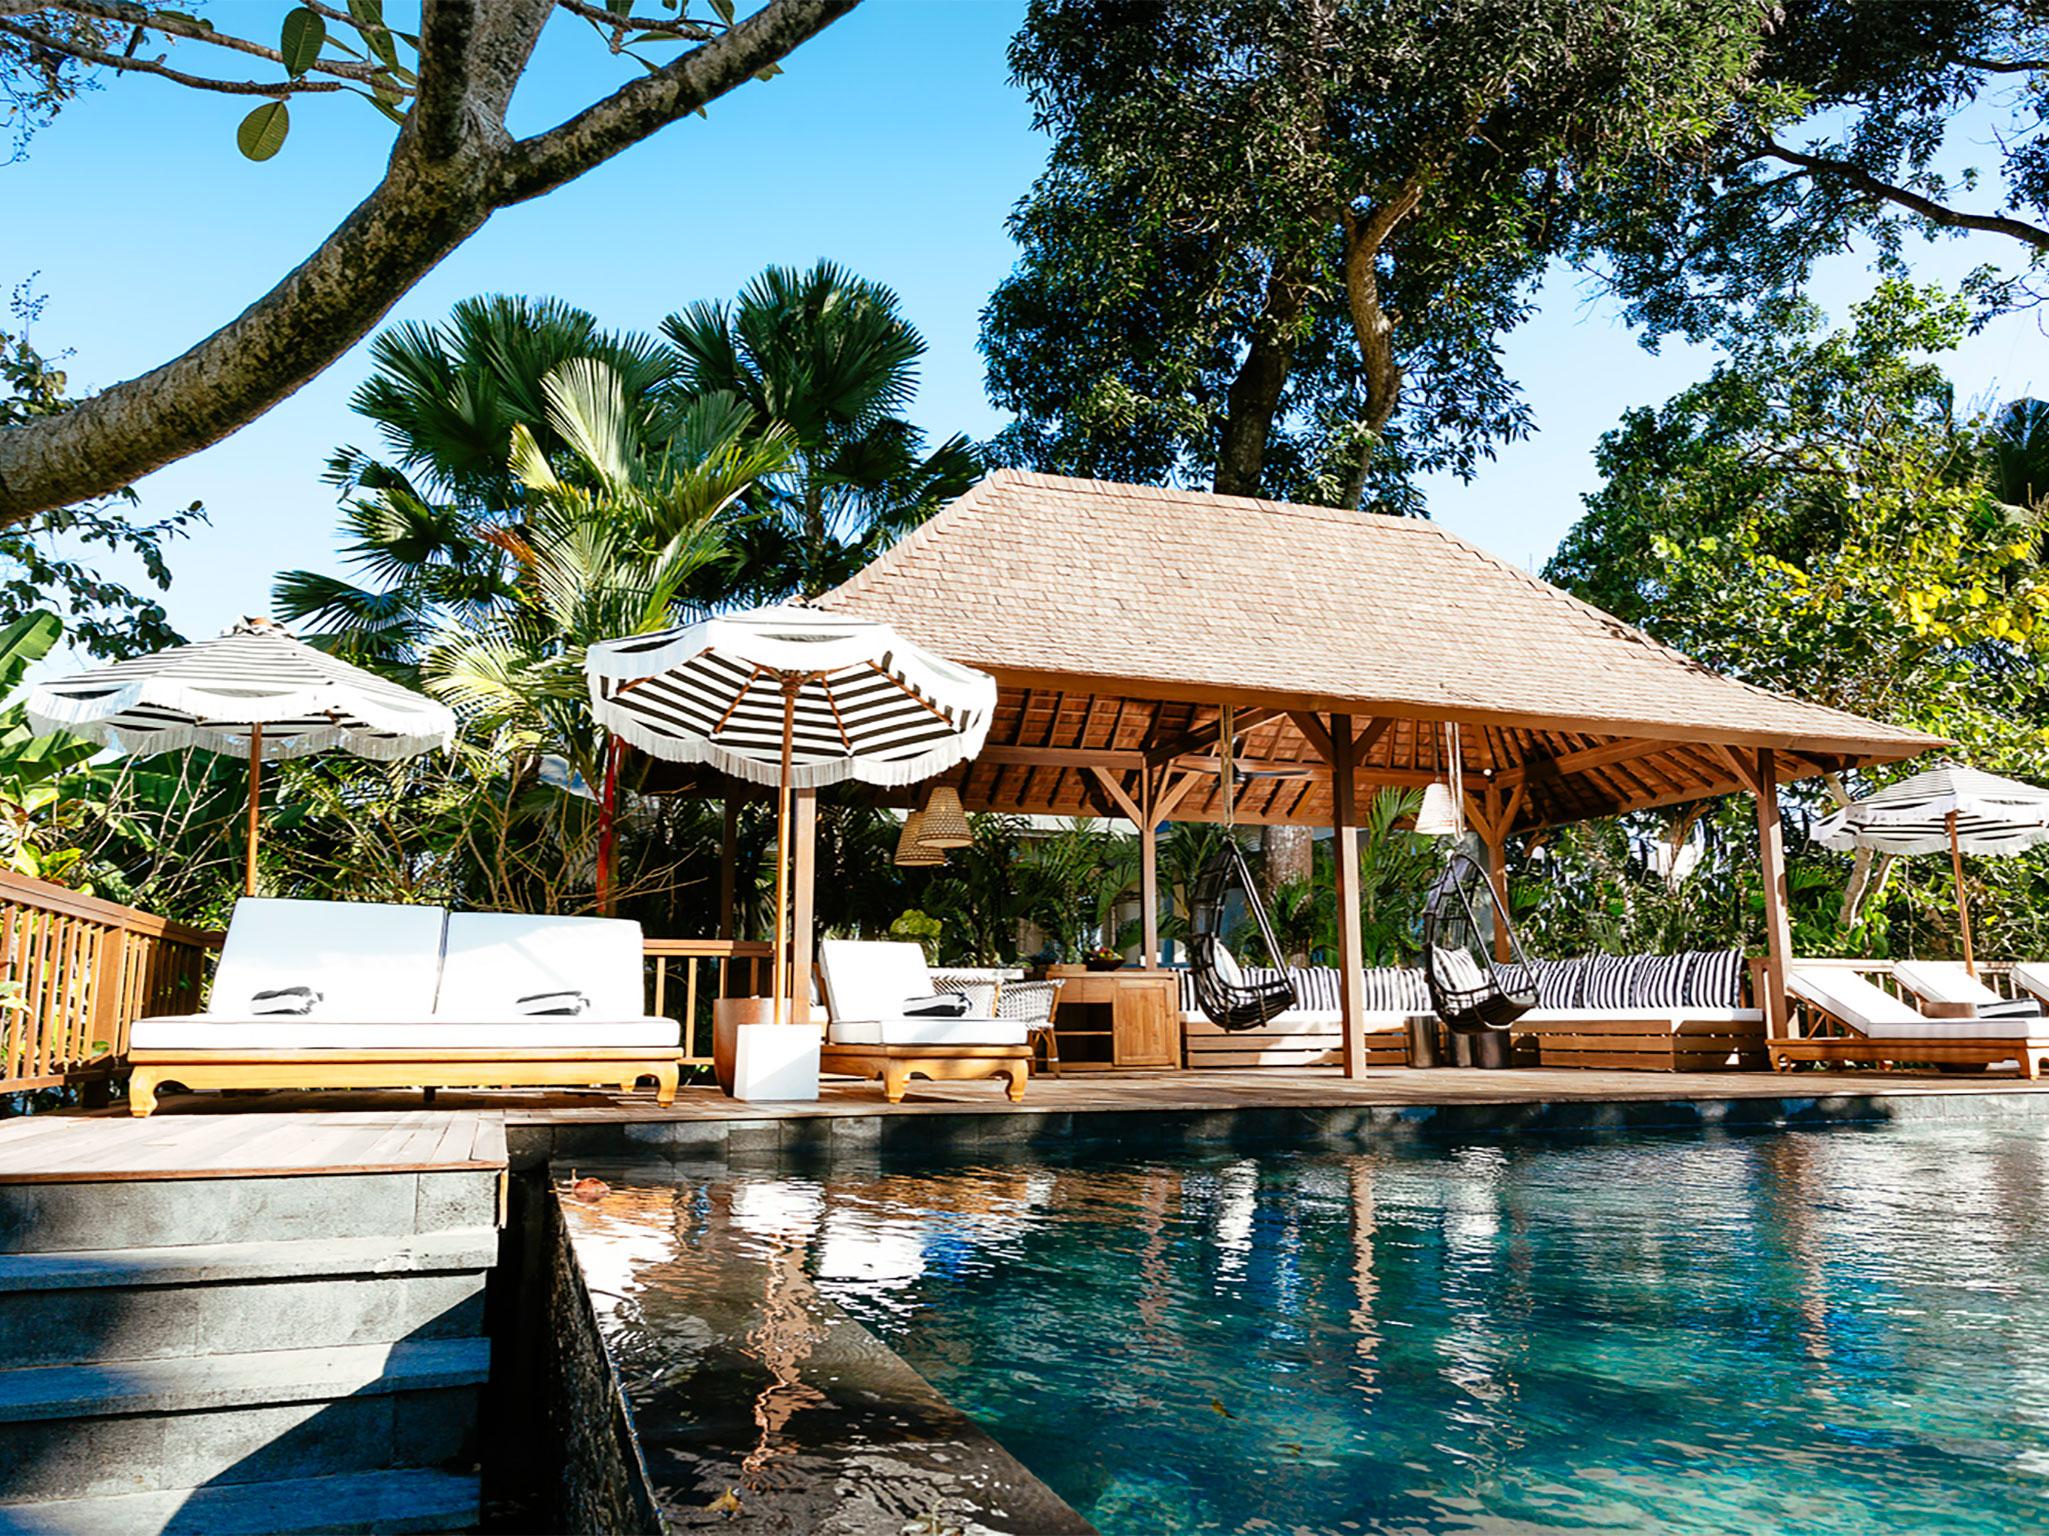 7-villa-simona-oasis-steps-to-pool-deck